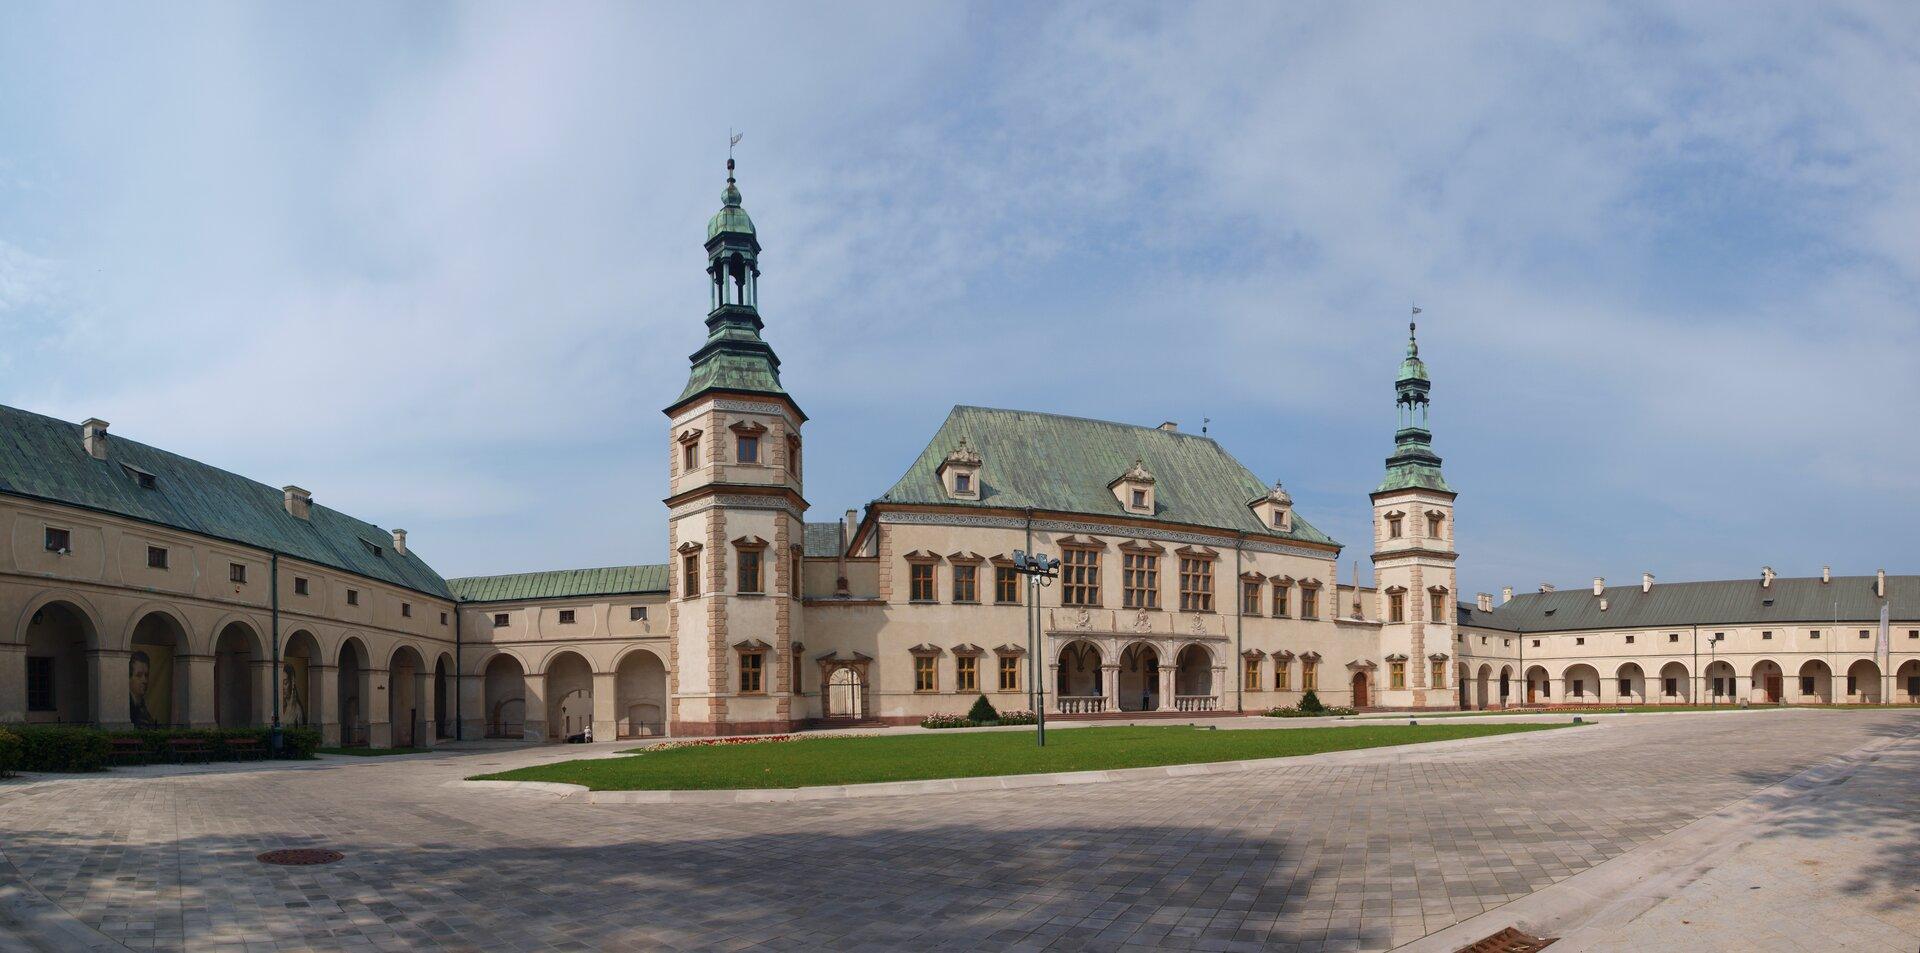 Ilustracja przedstawia pałac biskupów krakowskich wKielcach. Budynek składa się ztrzech części. Głównego budynku ze strzelistymi wieżami, oraz dwóch niższych budynków, które łączą się zgłównym budynkiem. Przed wejściem do pałacu widoczny jest betonowy plac.